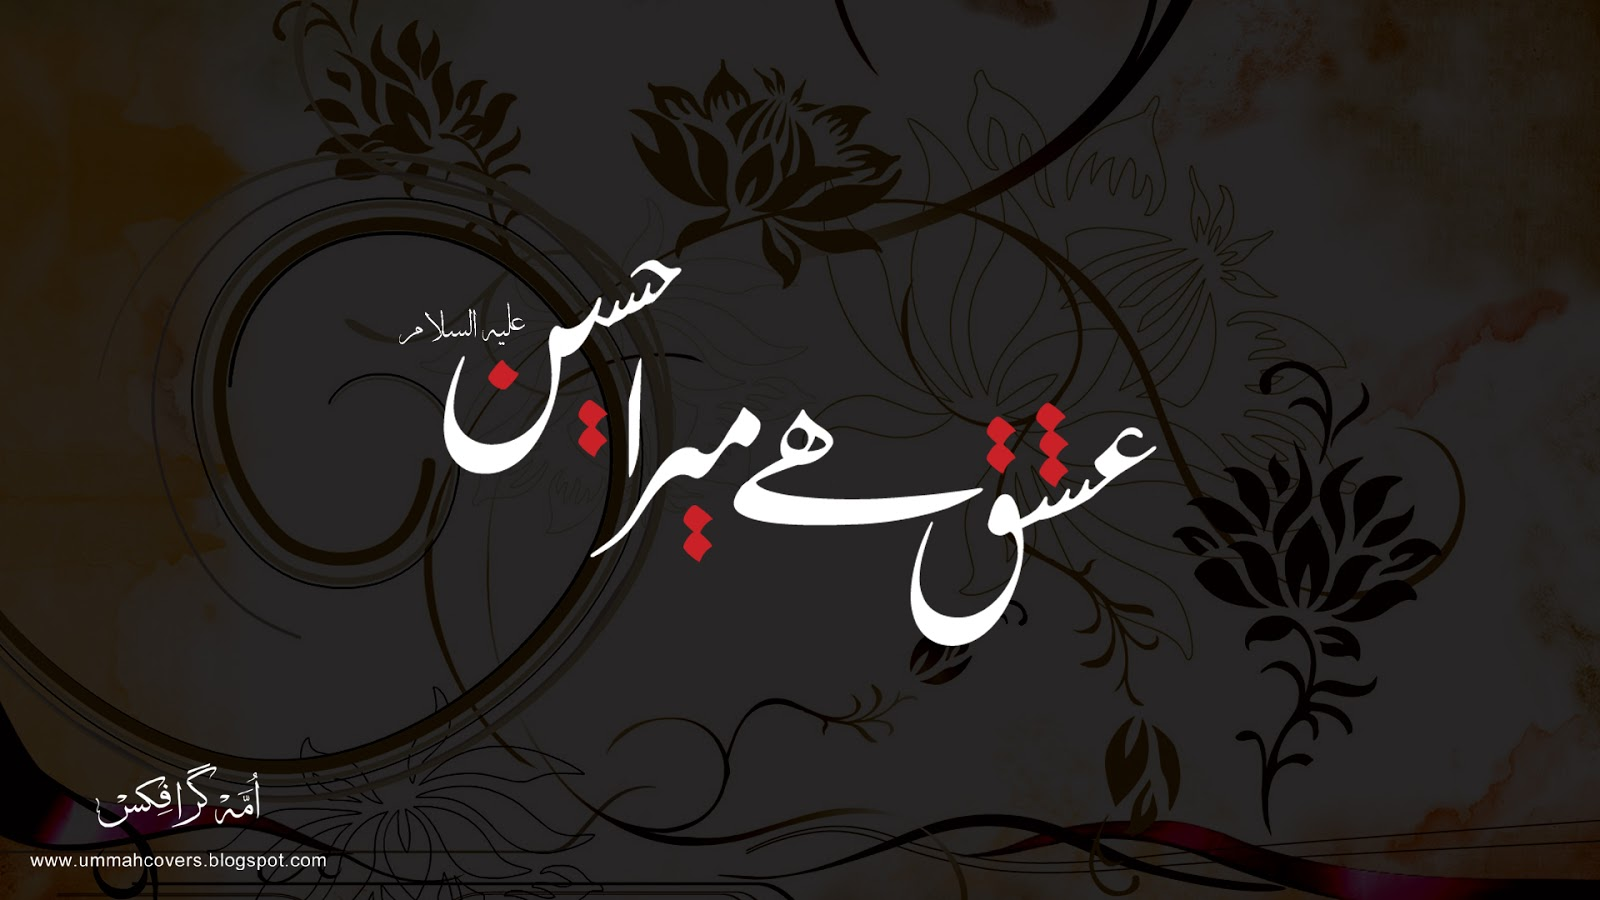 Maula Ali Shrine Wallpaper: Wallpaper: Ya Hussain Wallpaper